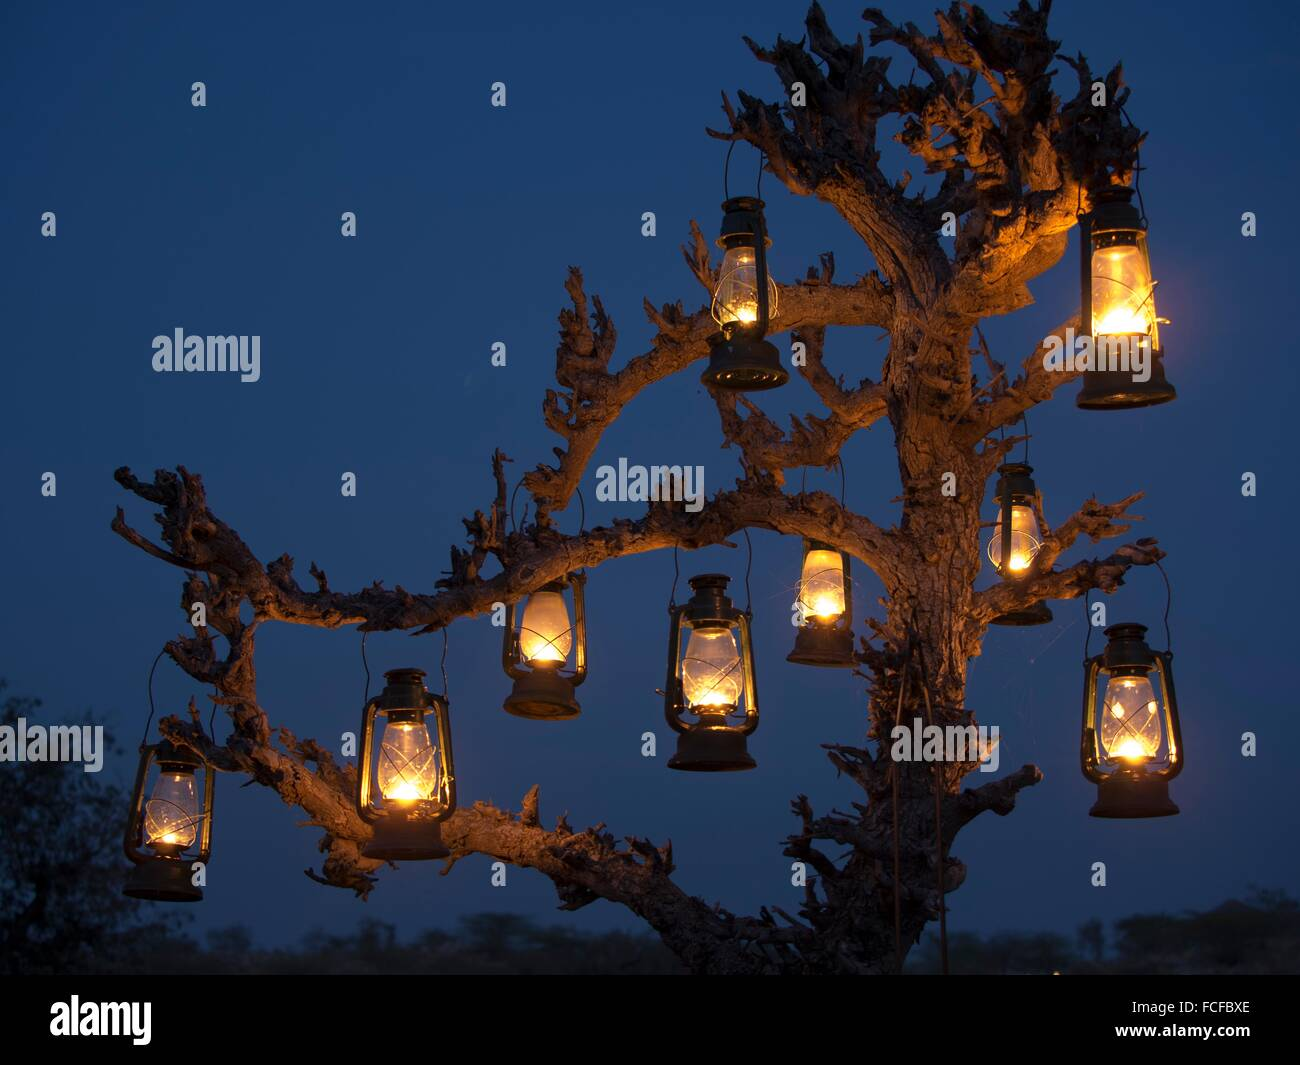 Eine Nacht hängen